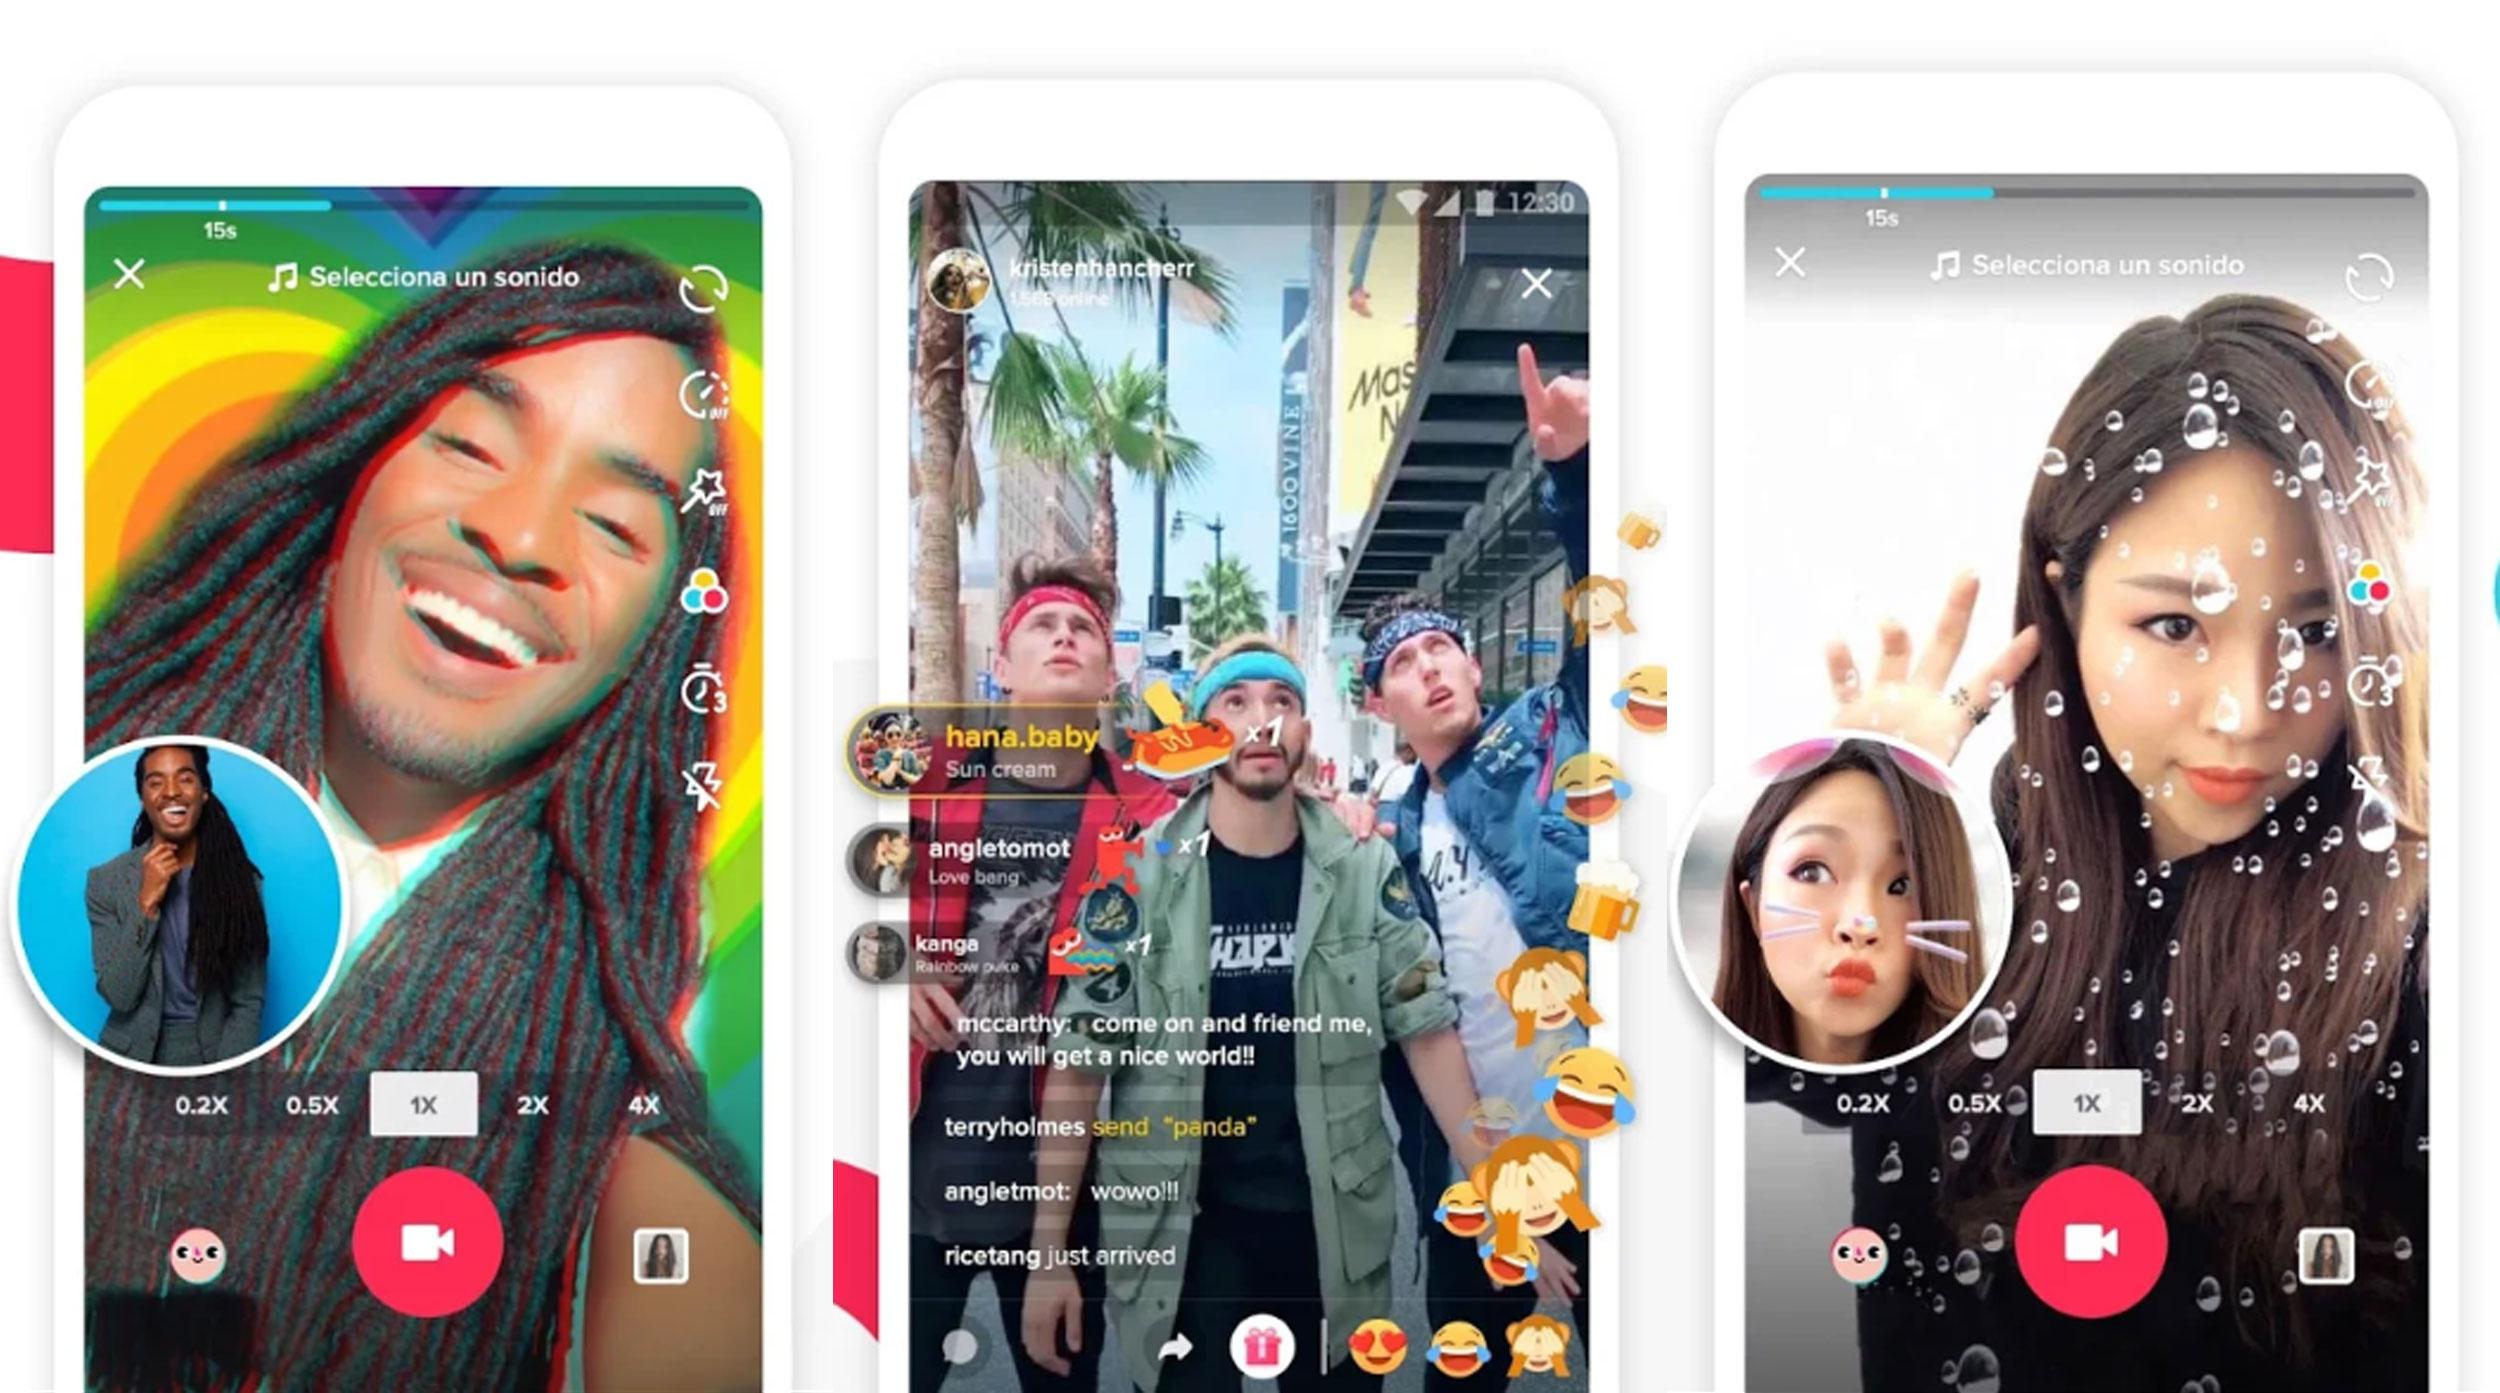 La app que fue descargada más veces que Instagram en 2018 y le pelea a Facebook y Whatsapp